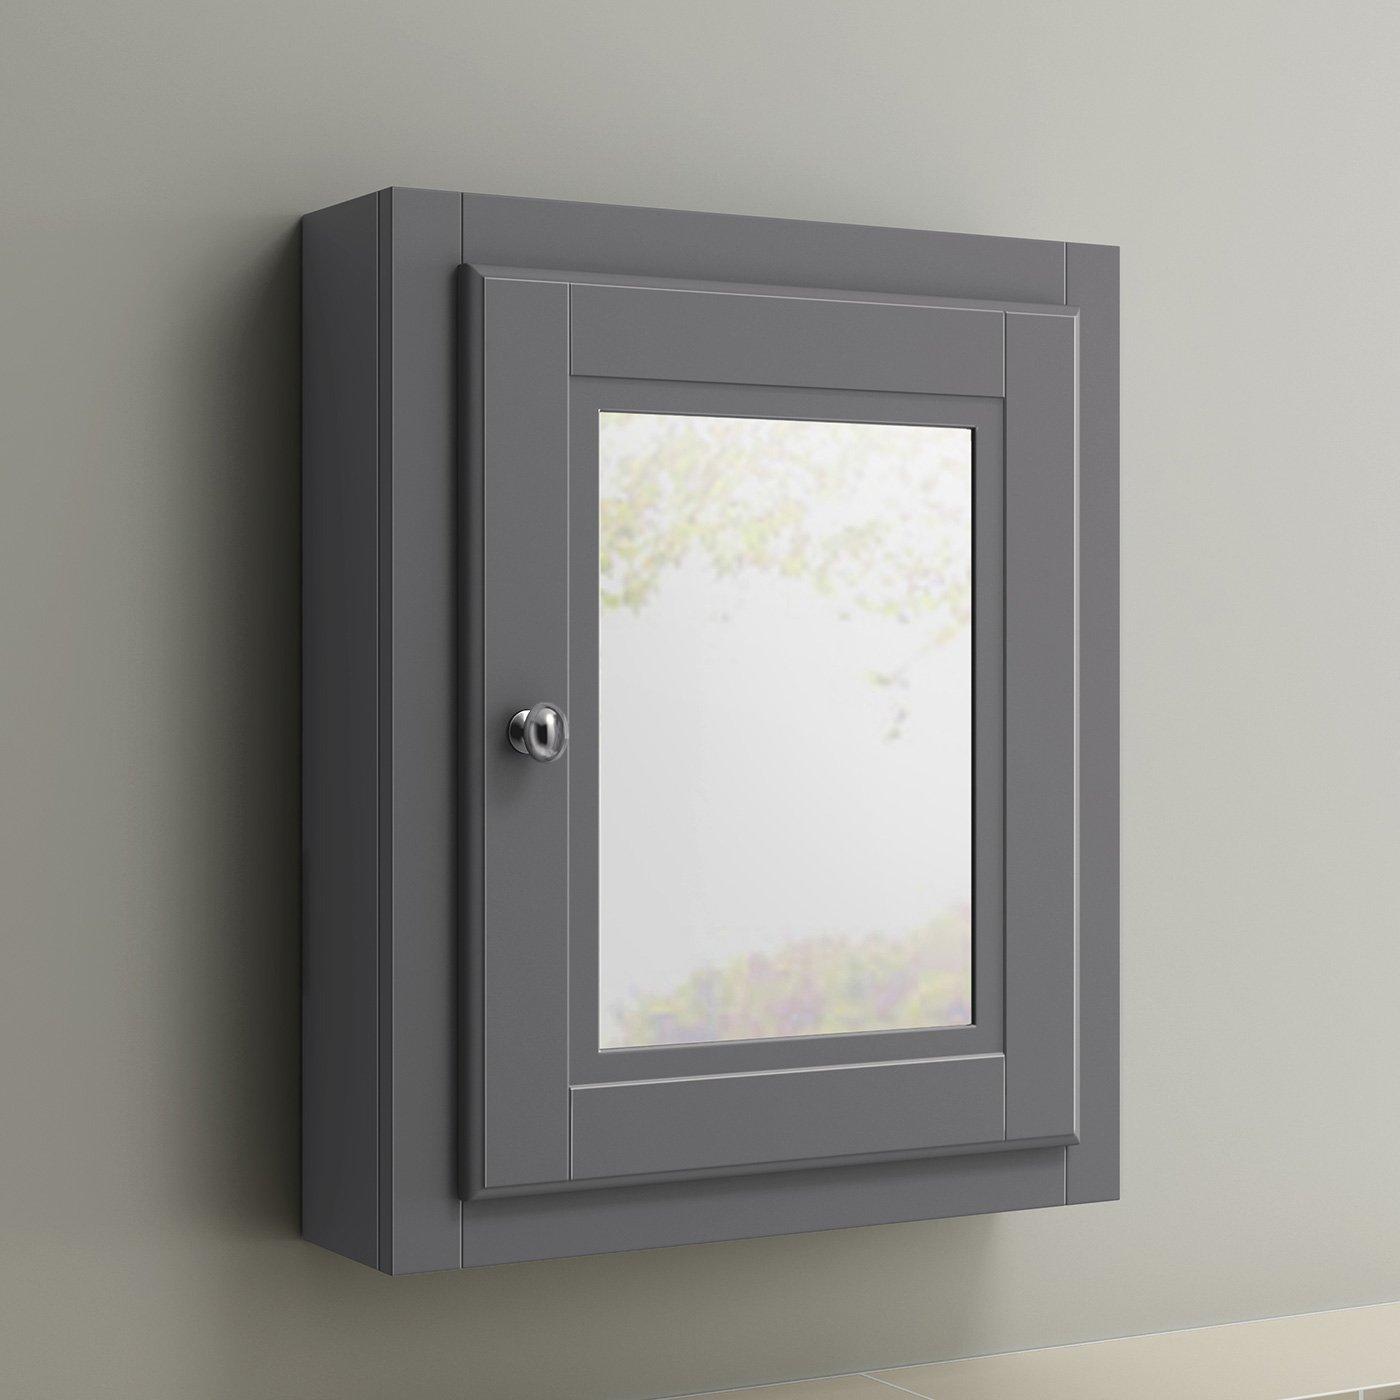 600 x 500 Traditional Grey Wall Hung Single Door Bathroom Mirror Cabinet iBathUK